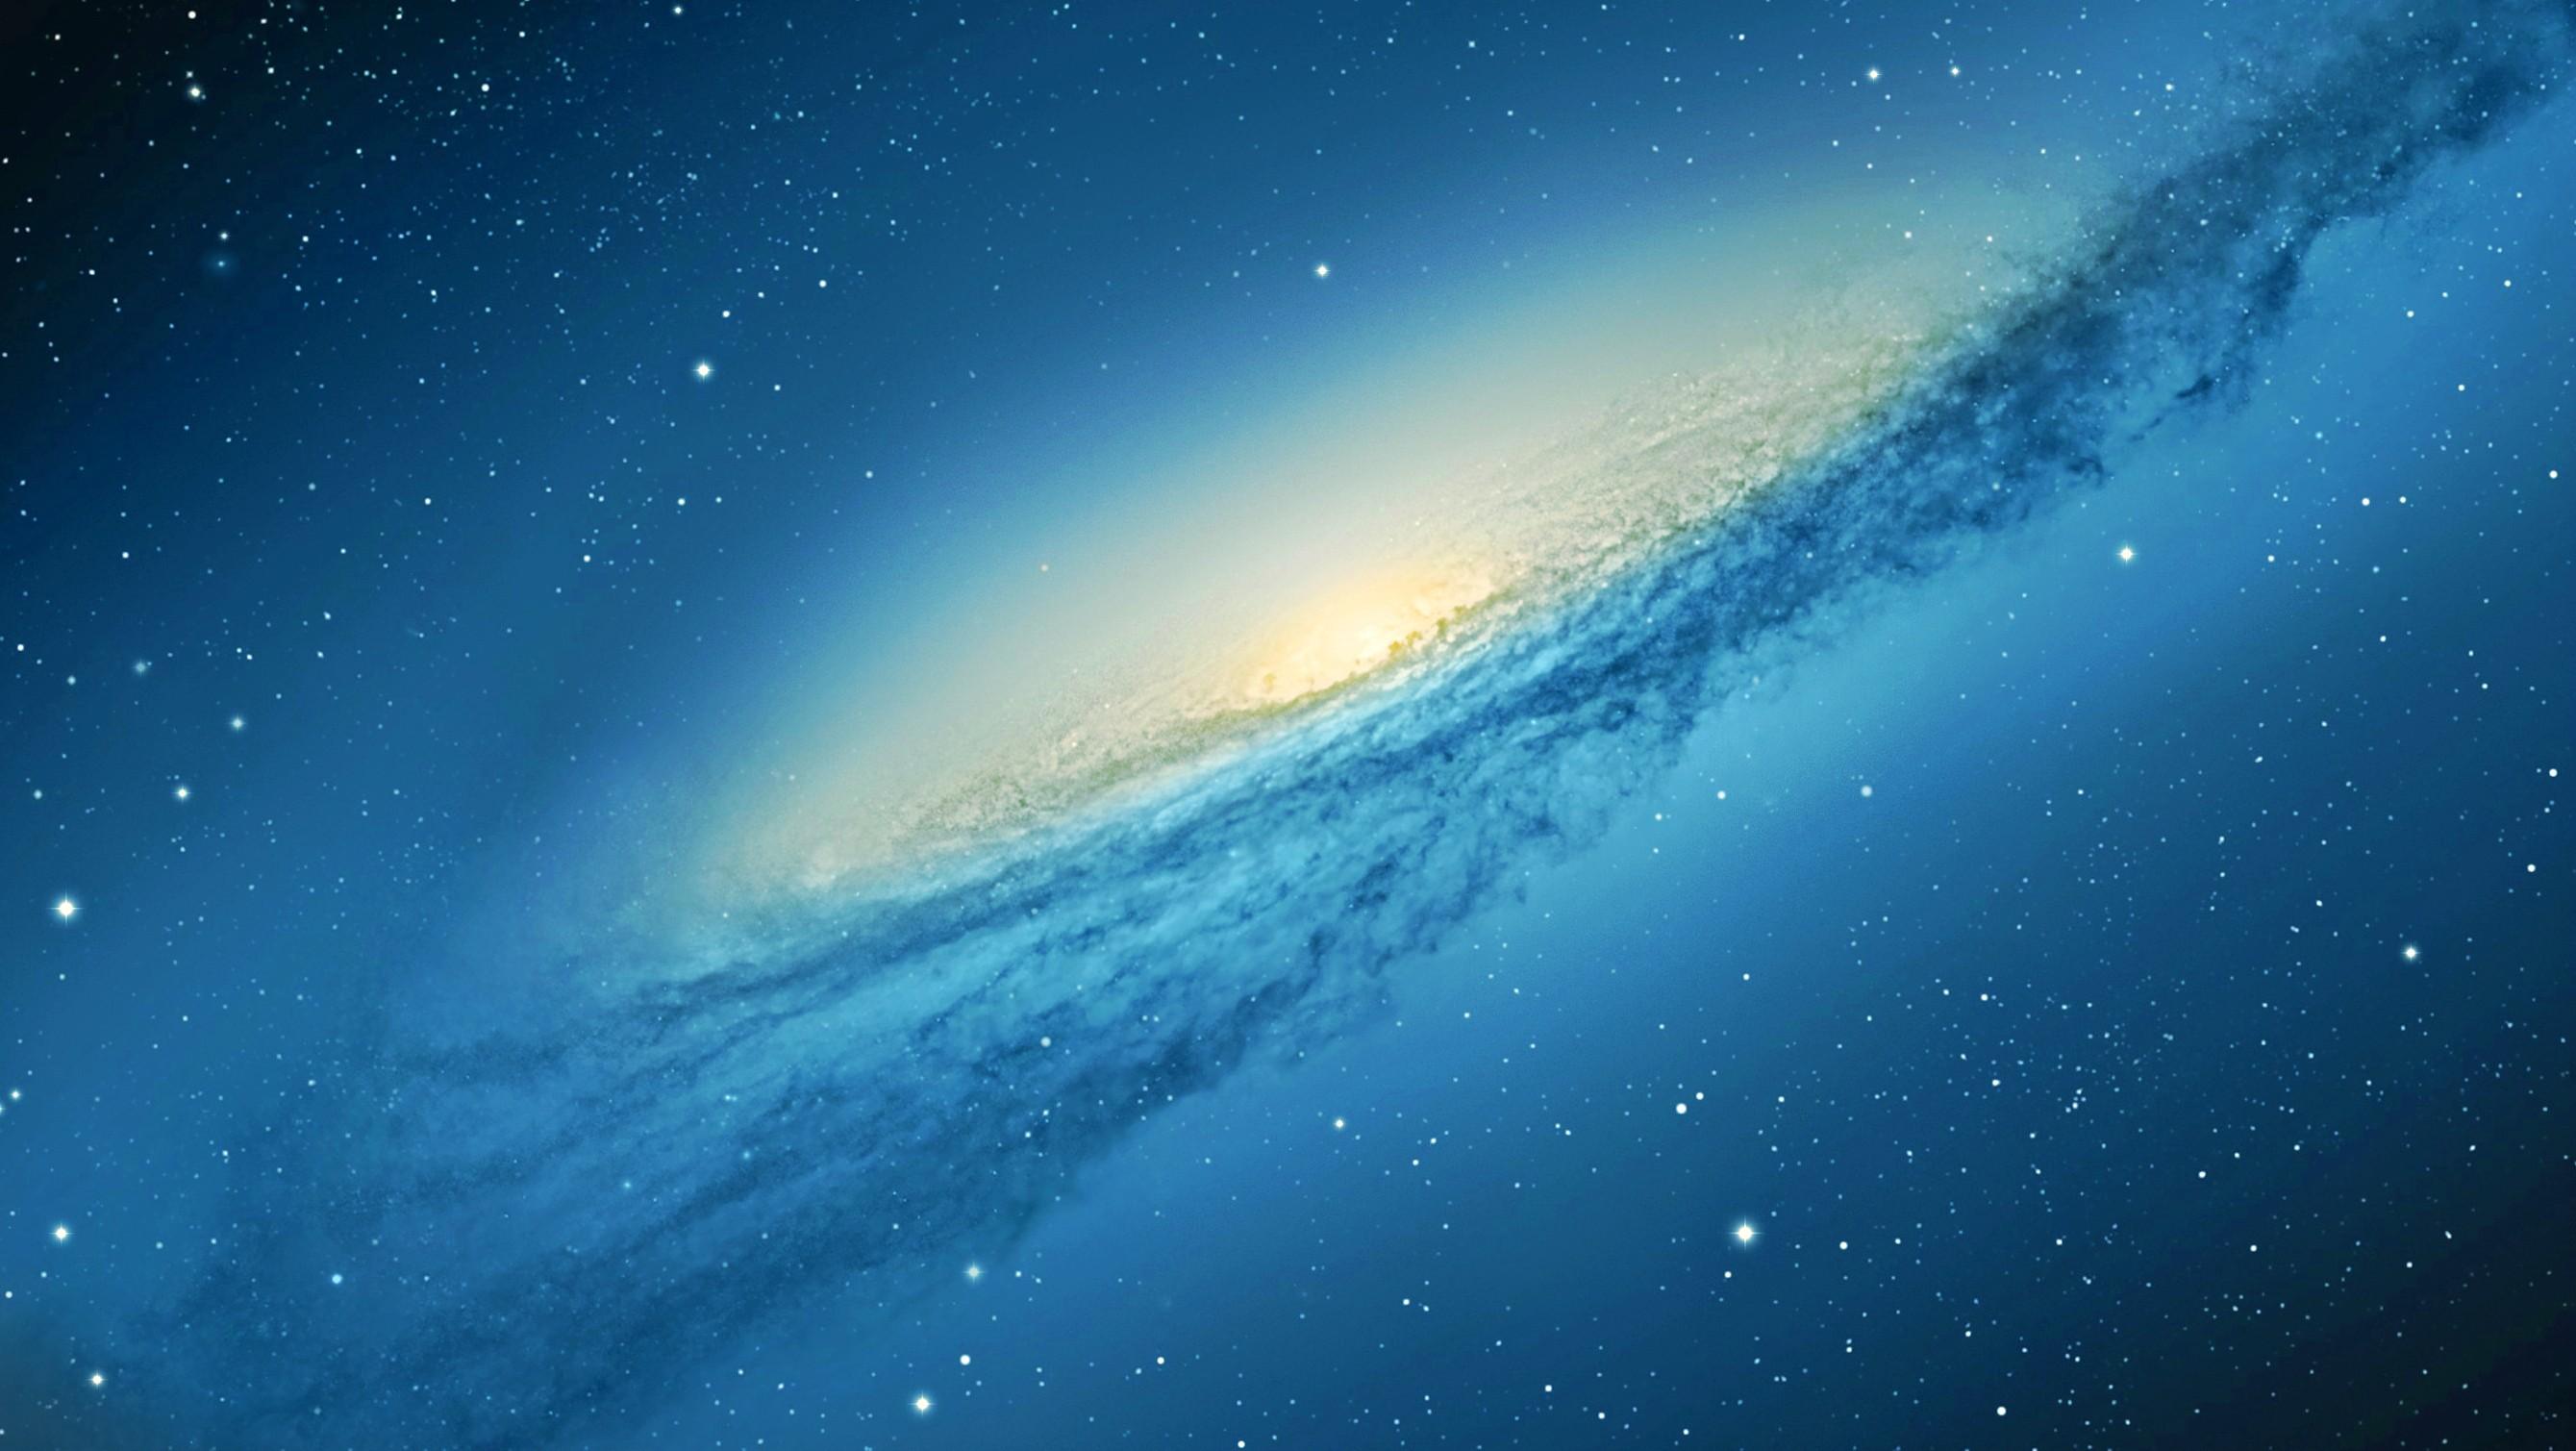 Iphone X Reddit Wallpaper Download Free Milky Way Galaxy Backgrounds Pixelstalk Net